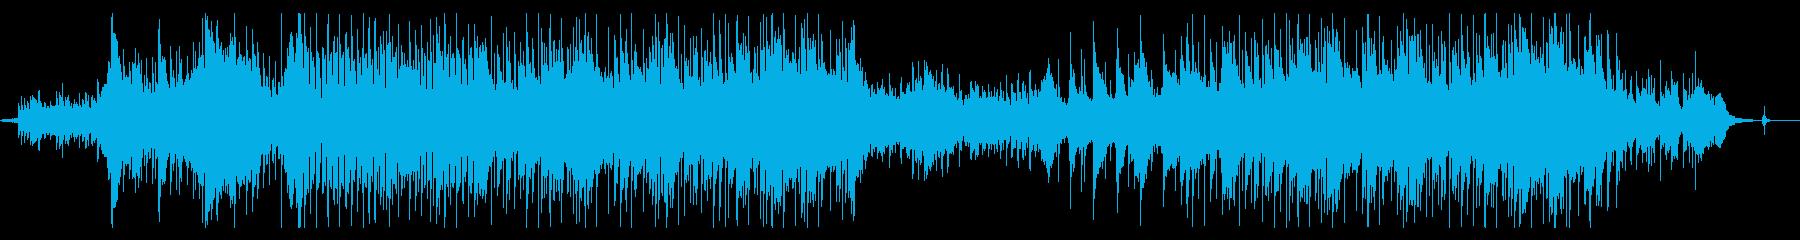 ハープ・コーラスが印象的なポップスの再生済みの波形